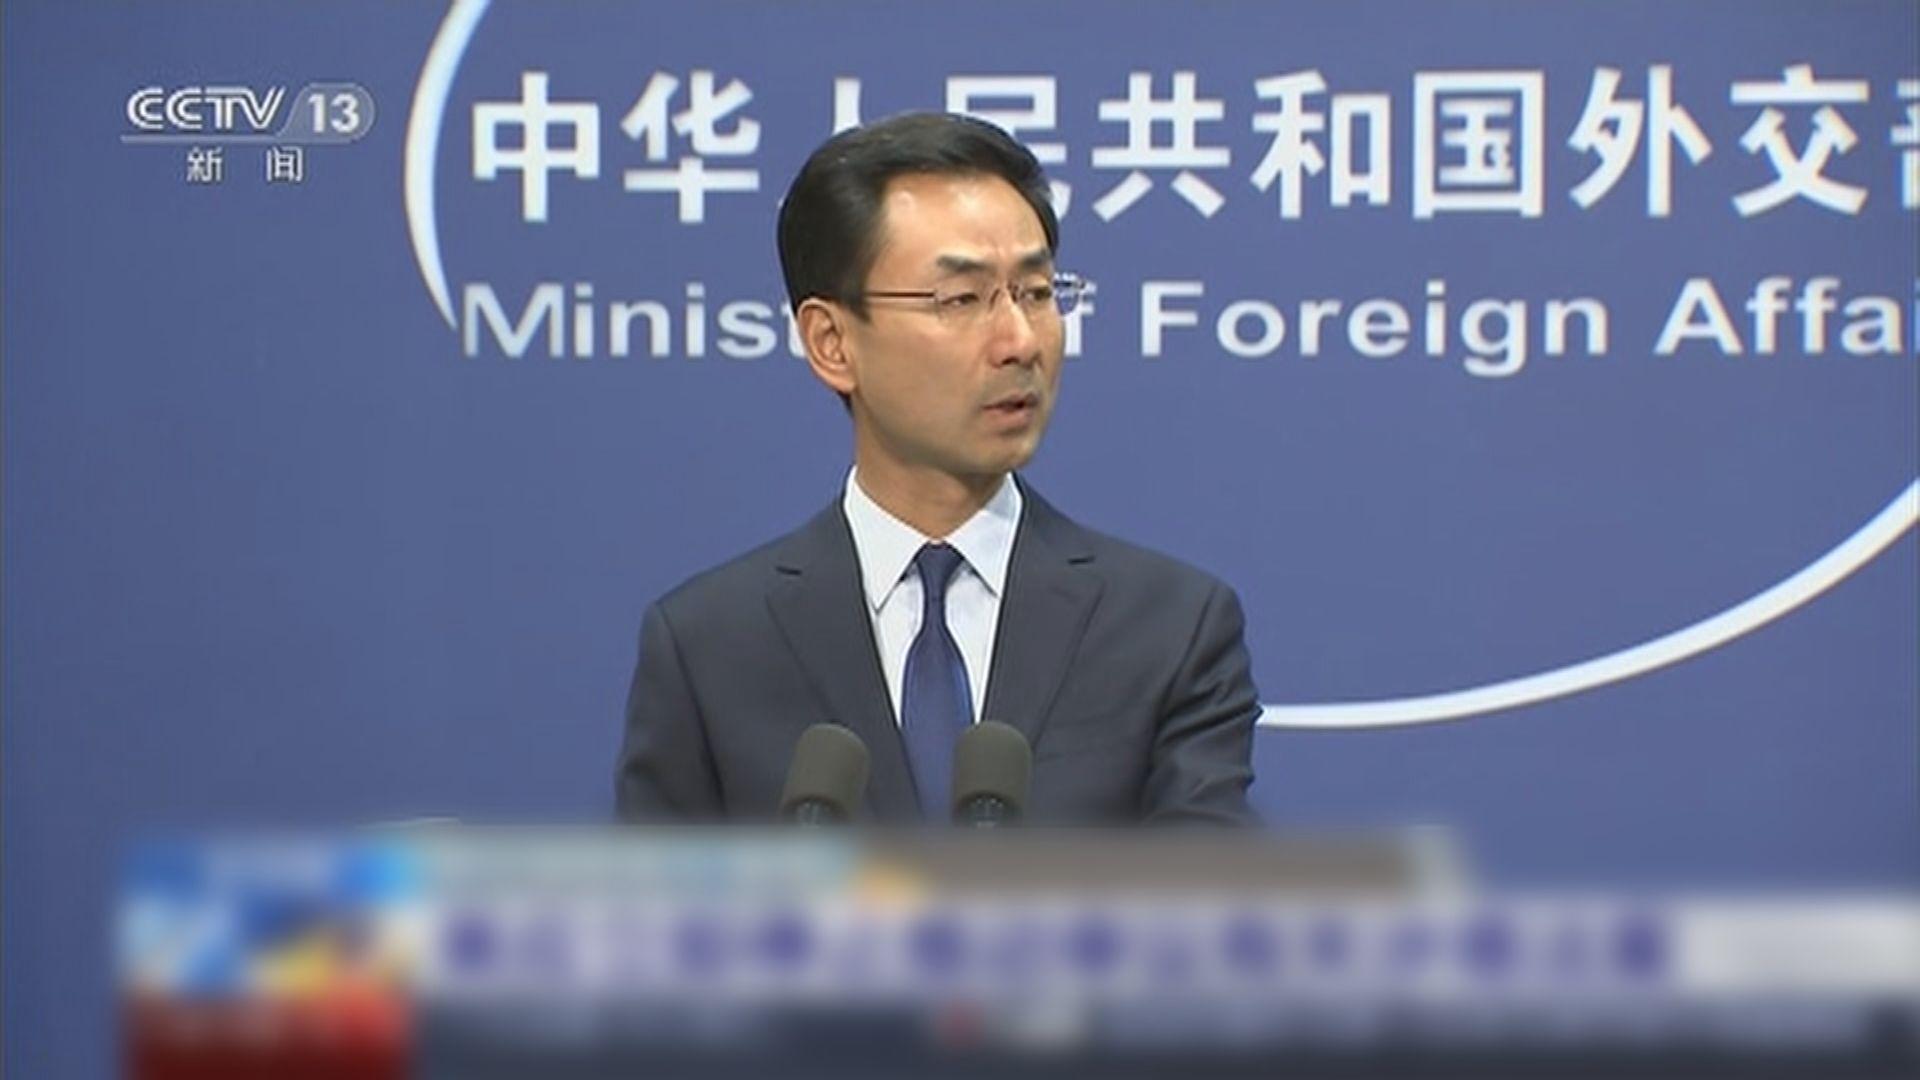 外交部:美應立即停止推動審議涉港法案